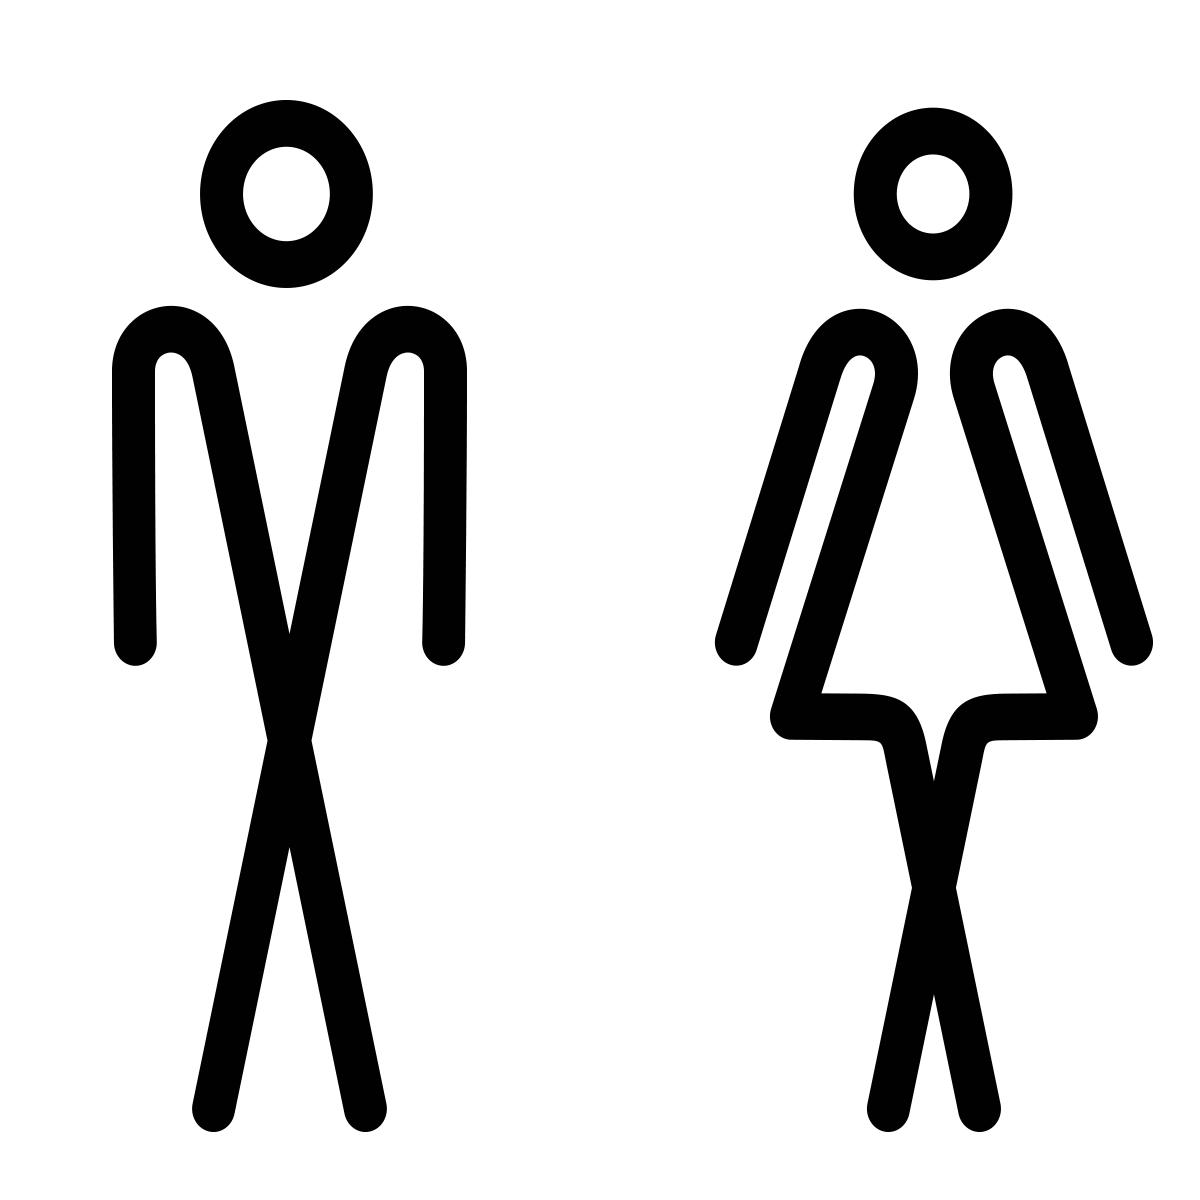 Httpswwwambiance Stickercomdewandtattoo Tur Toilettes Xml